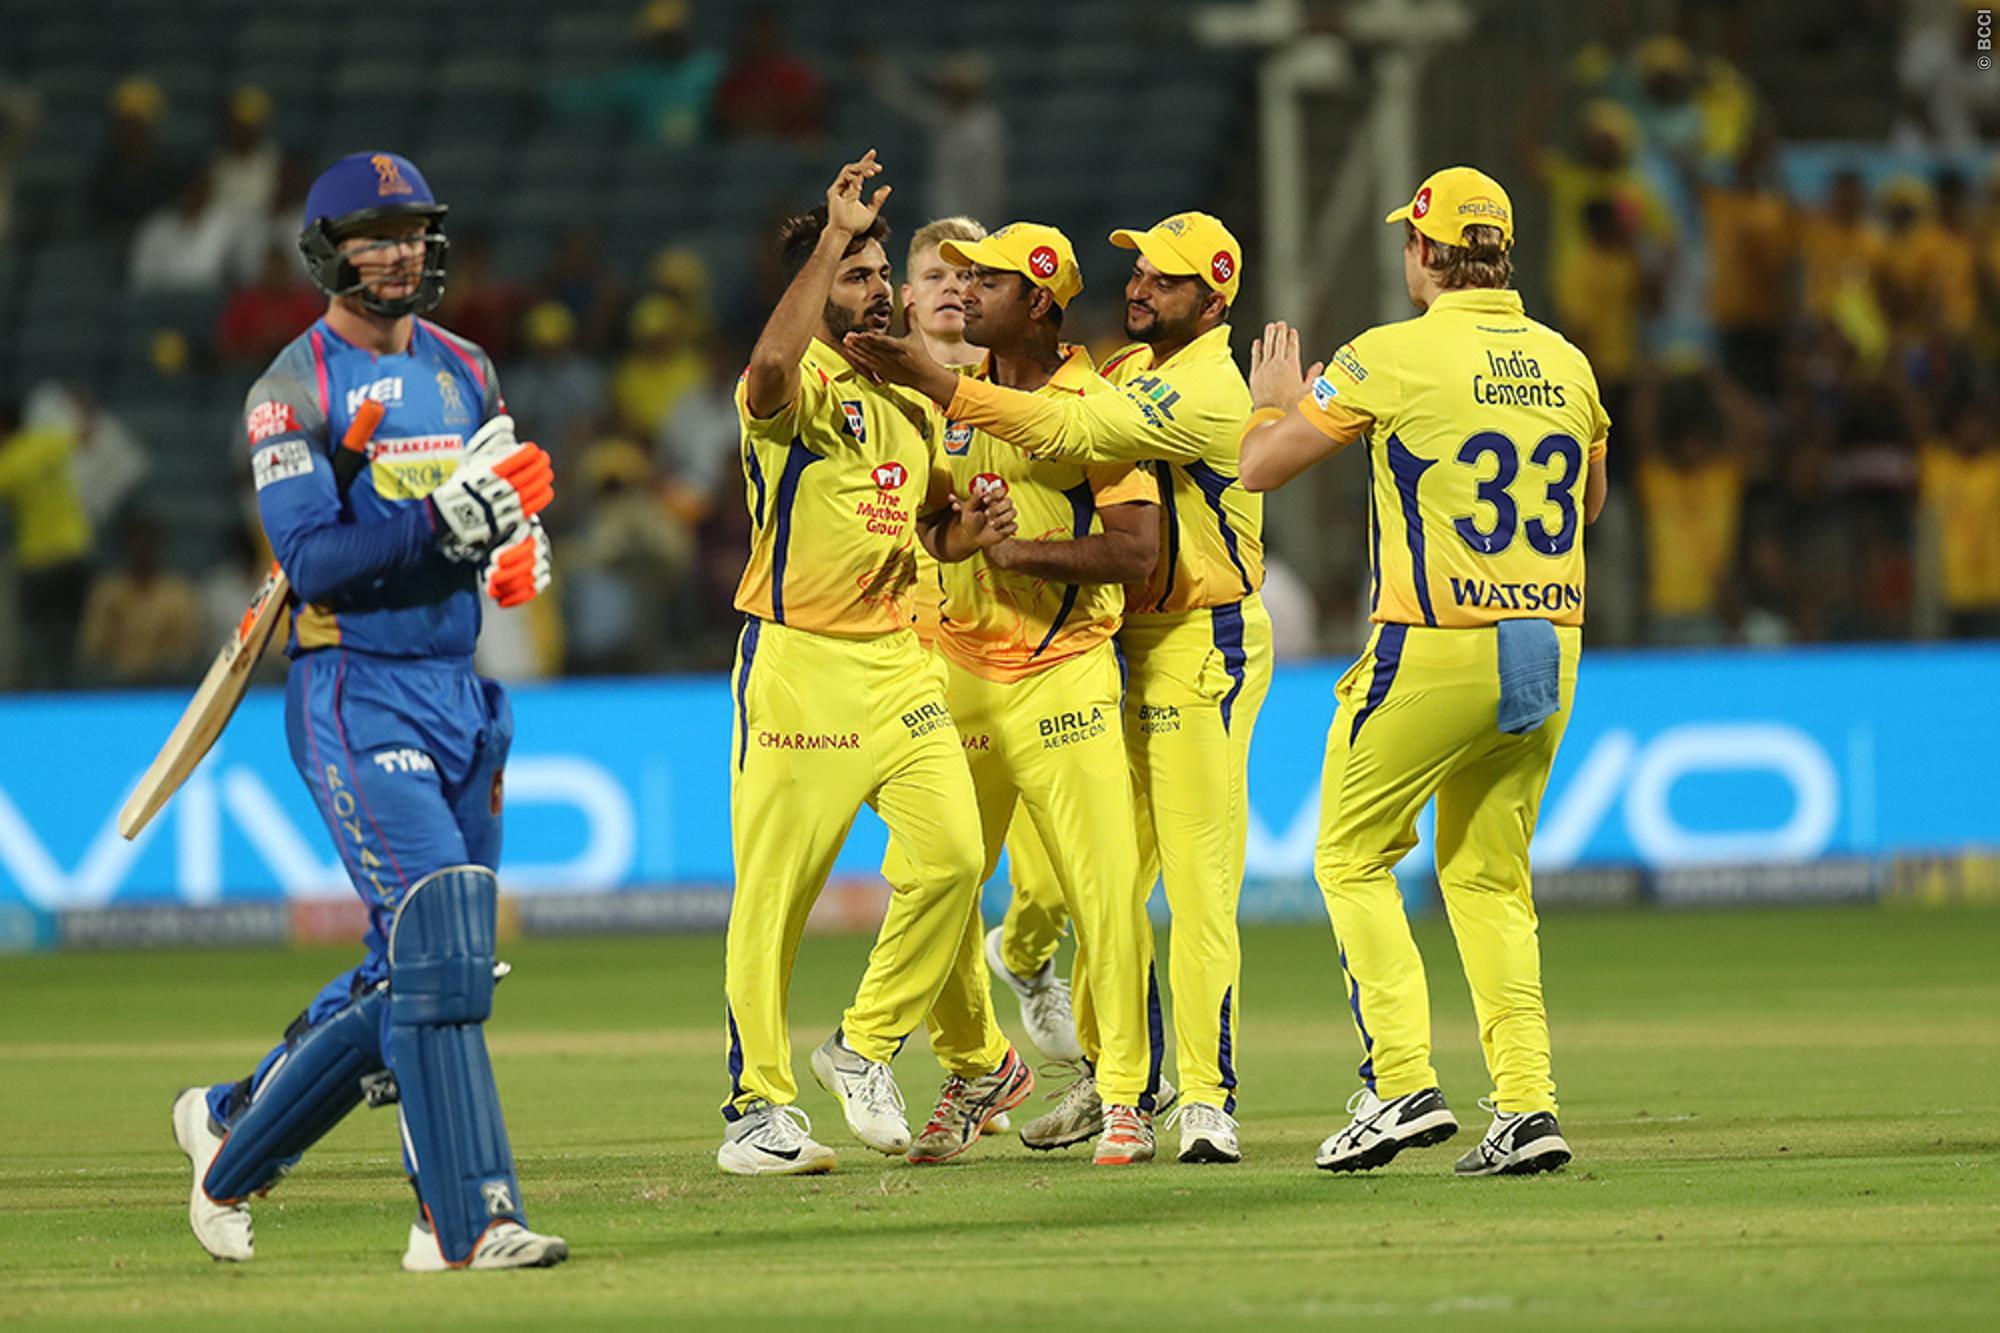 STATS: चेन्नई सुपर किंग्स बनाम राजस्थान रॉयल्स के बीच मैच में बने कुल 6 रिकॉर्ड, तो ऐसा करने वाले दुनिया के एकलौते बल्लेबाज बने शेन वाटसन 1